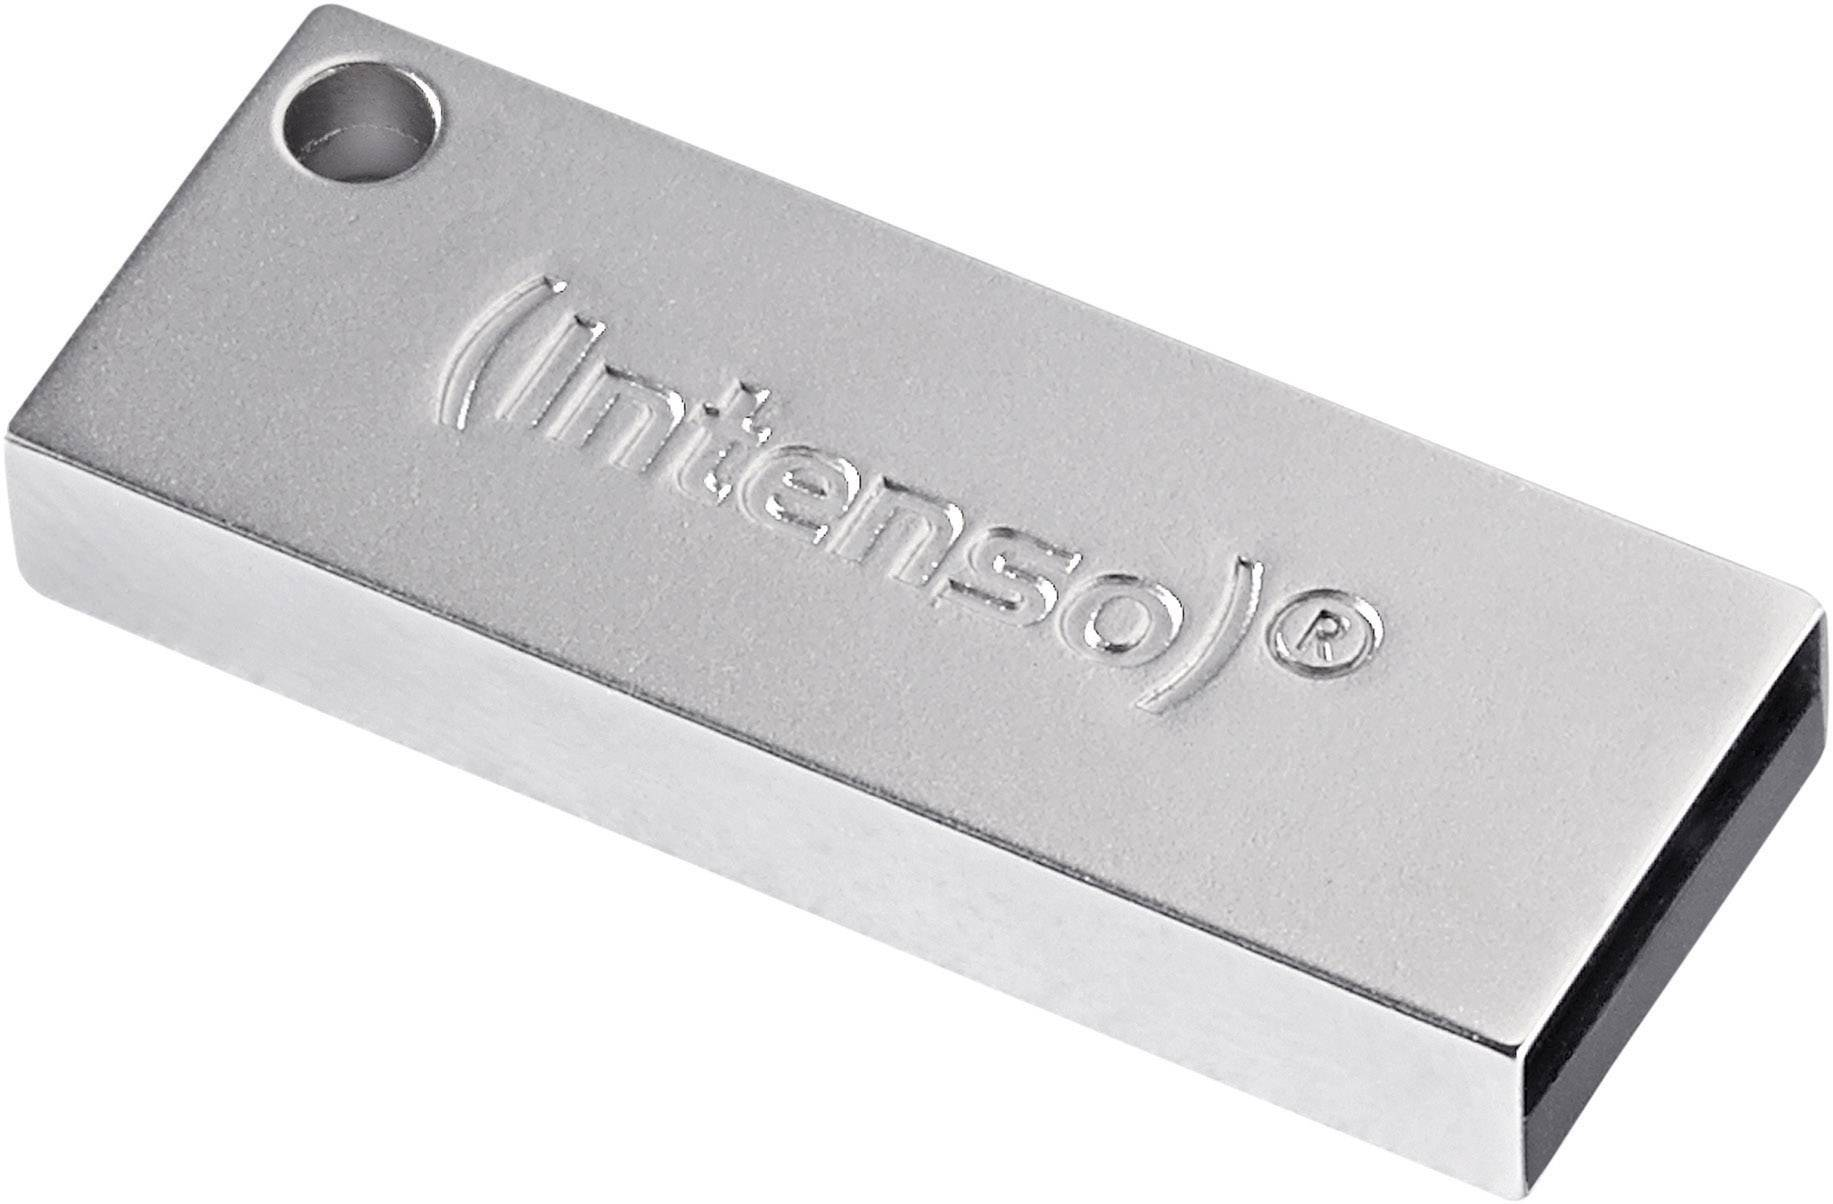 USB flash disk Intenso Premium Line 3534460, 8 GB, USB 3.0, stříbrná